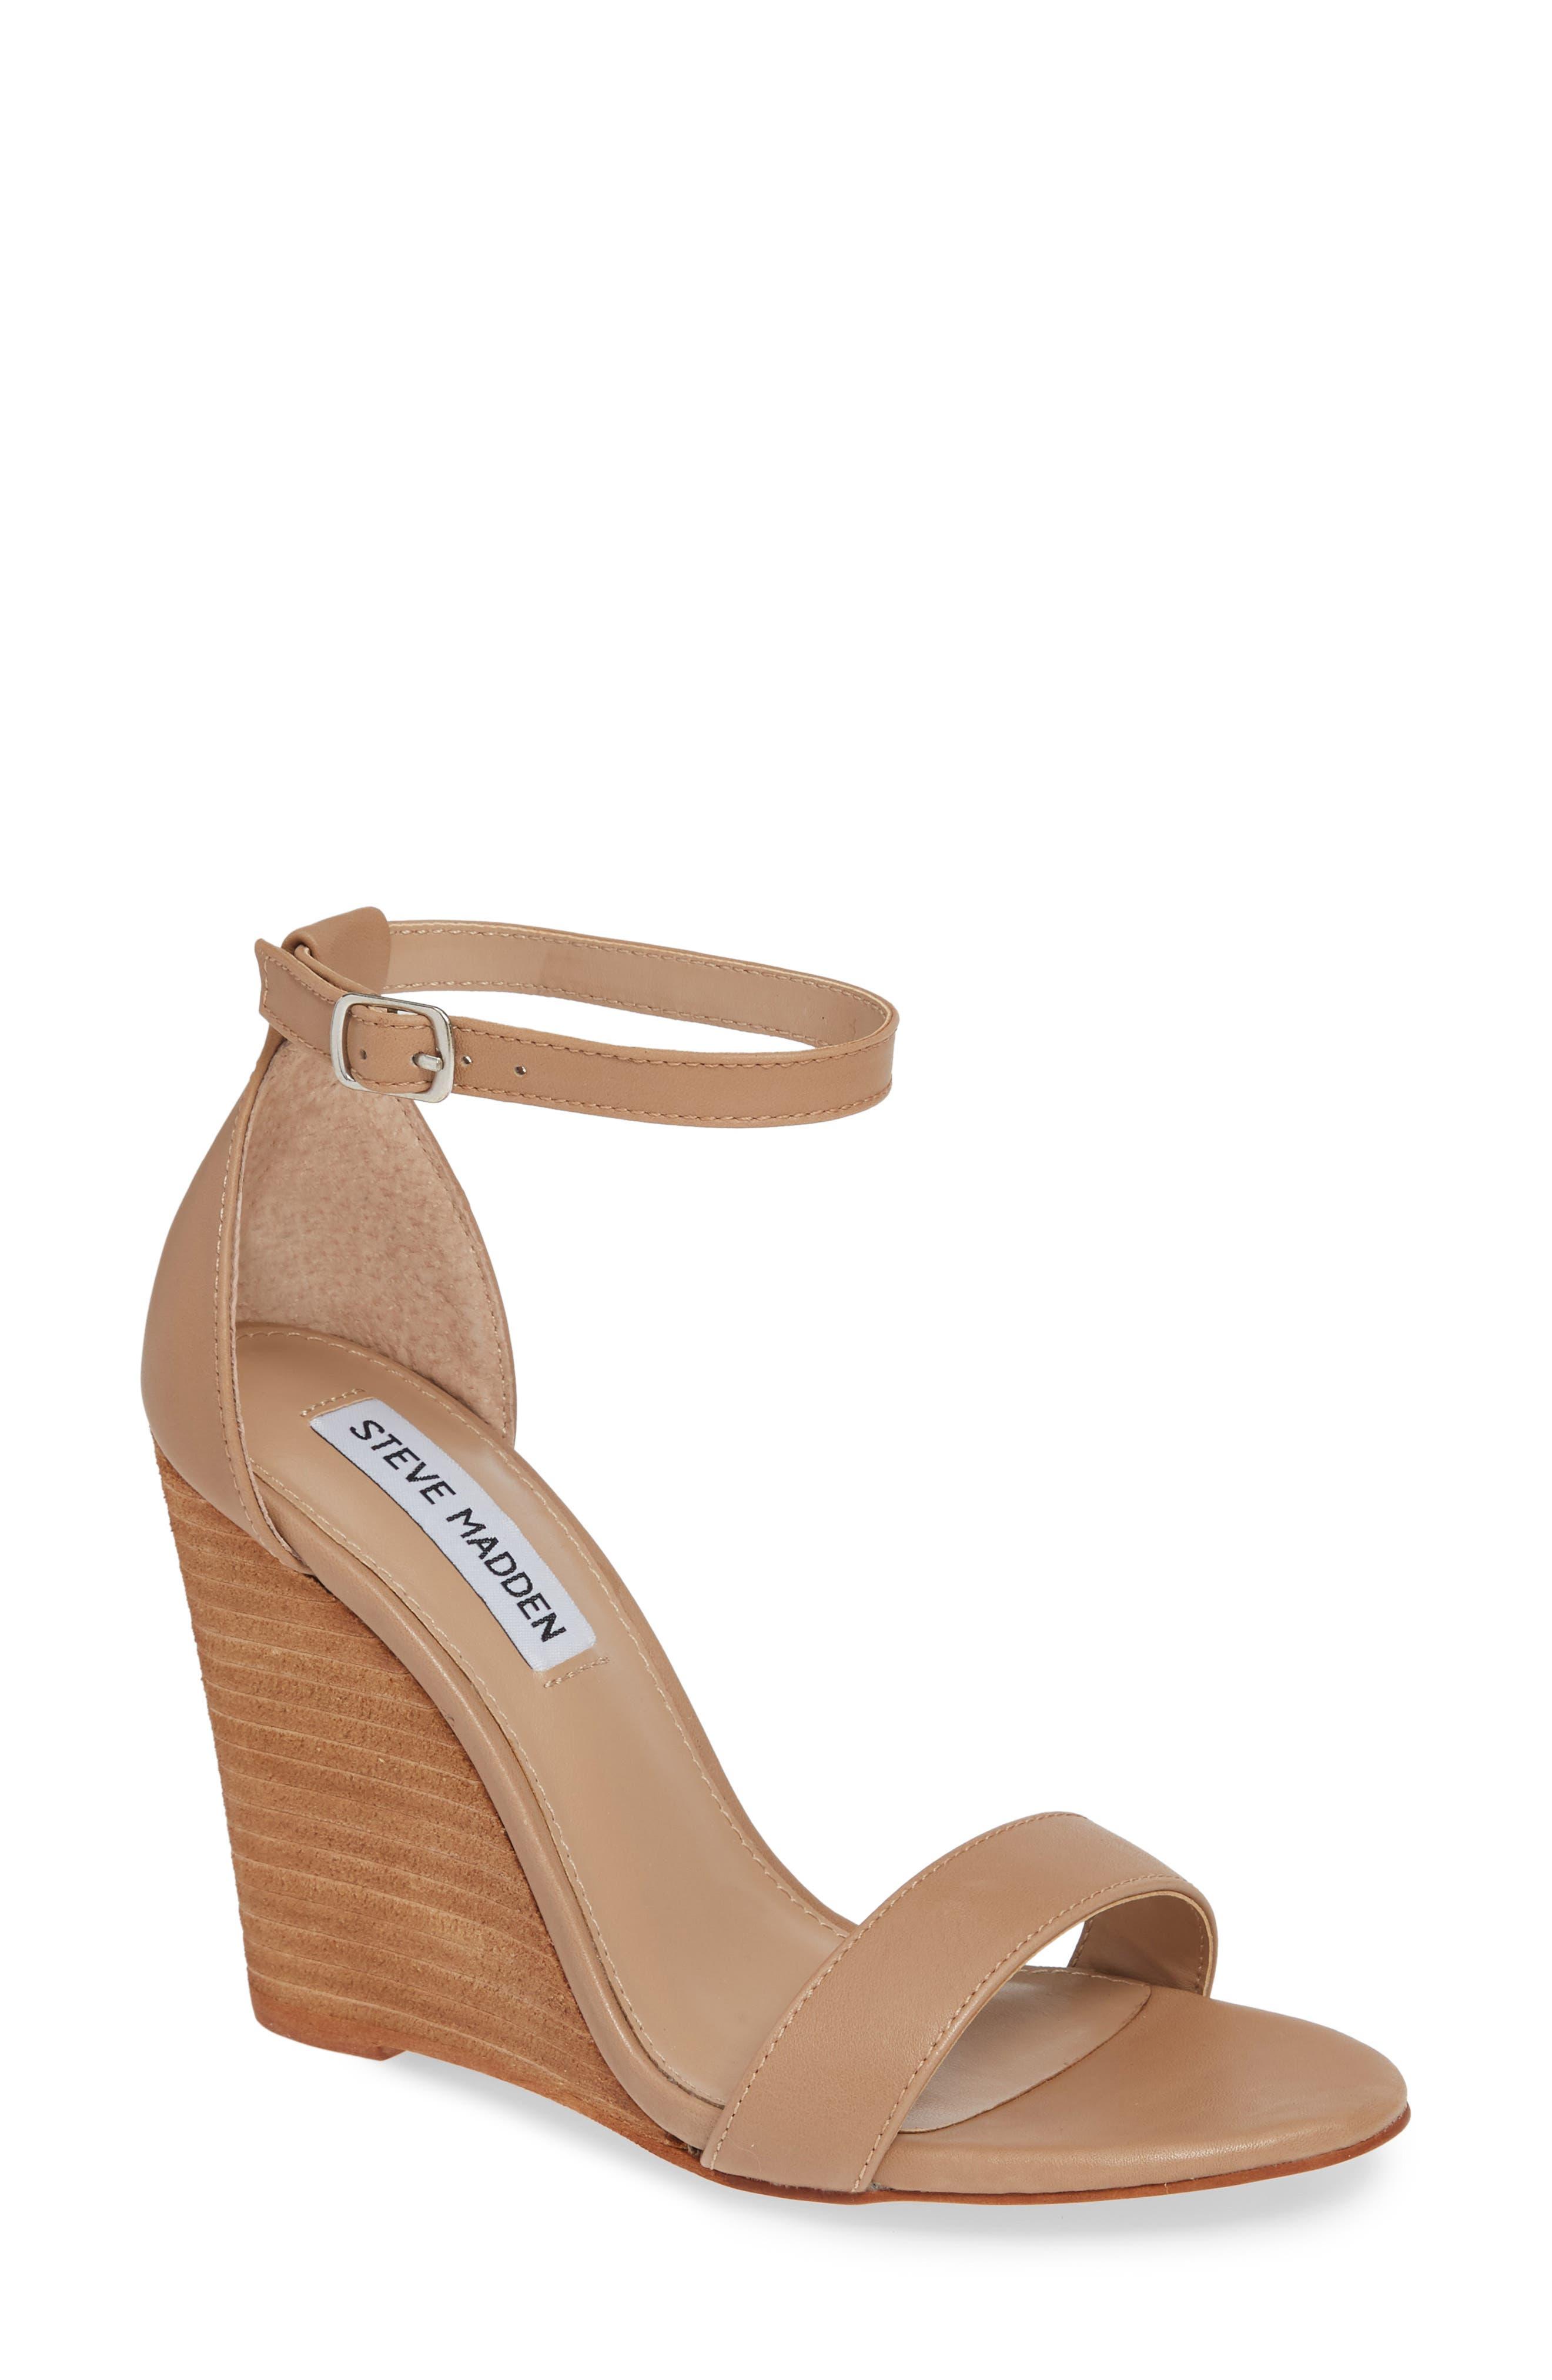 74f992e1c33 Metallic Steve Madden Shoes for Women